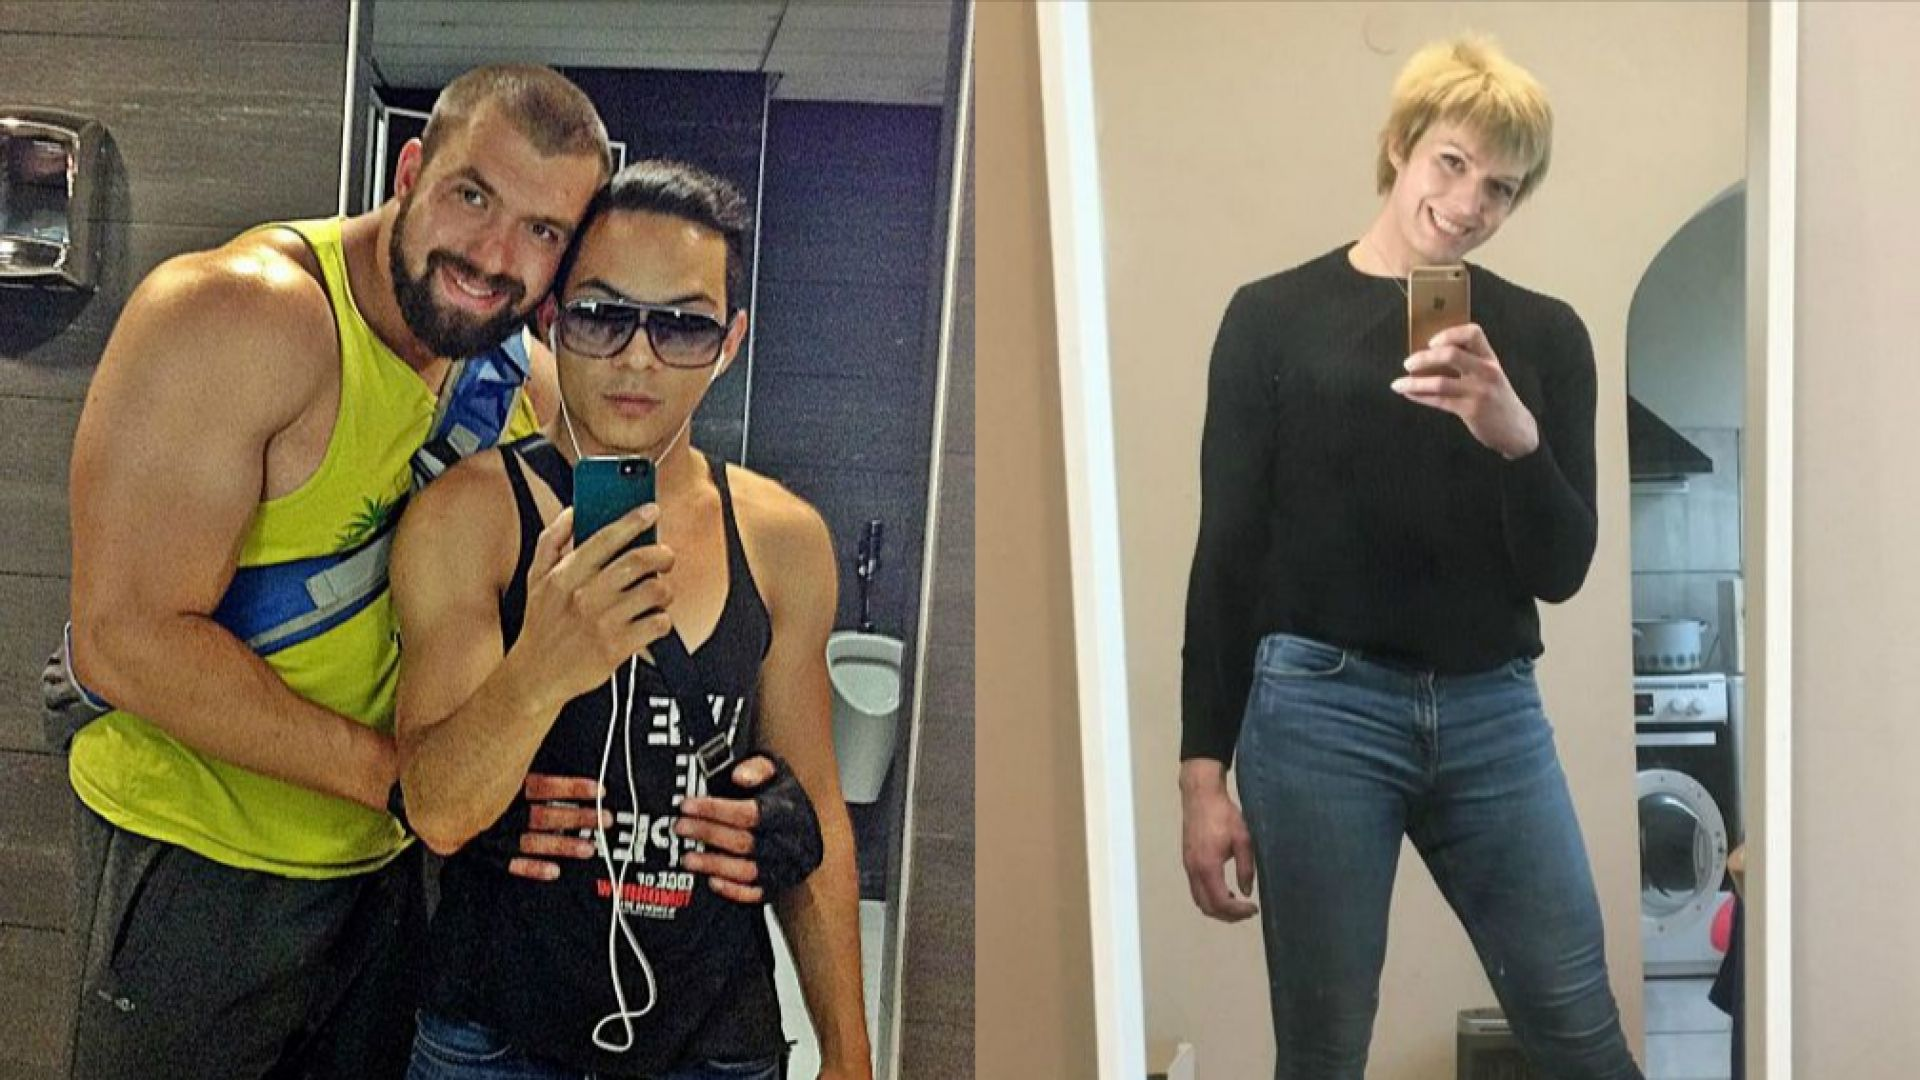 """След трансформацията от мъж към жена: Културистът от """"Фермата"""" и партньорът му се разделиха"""